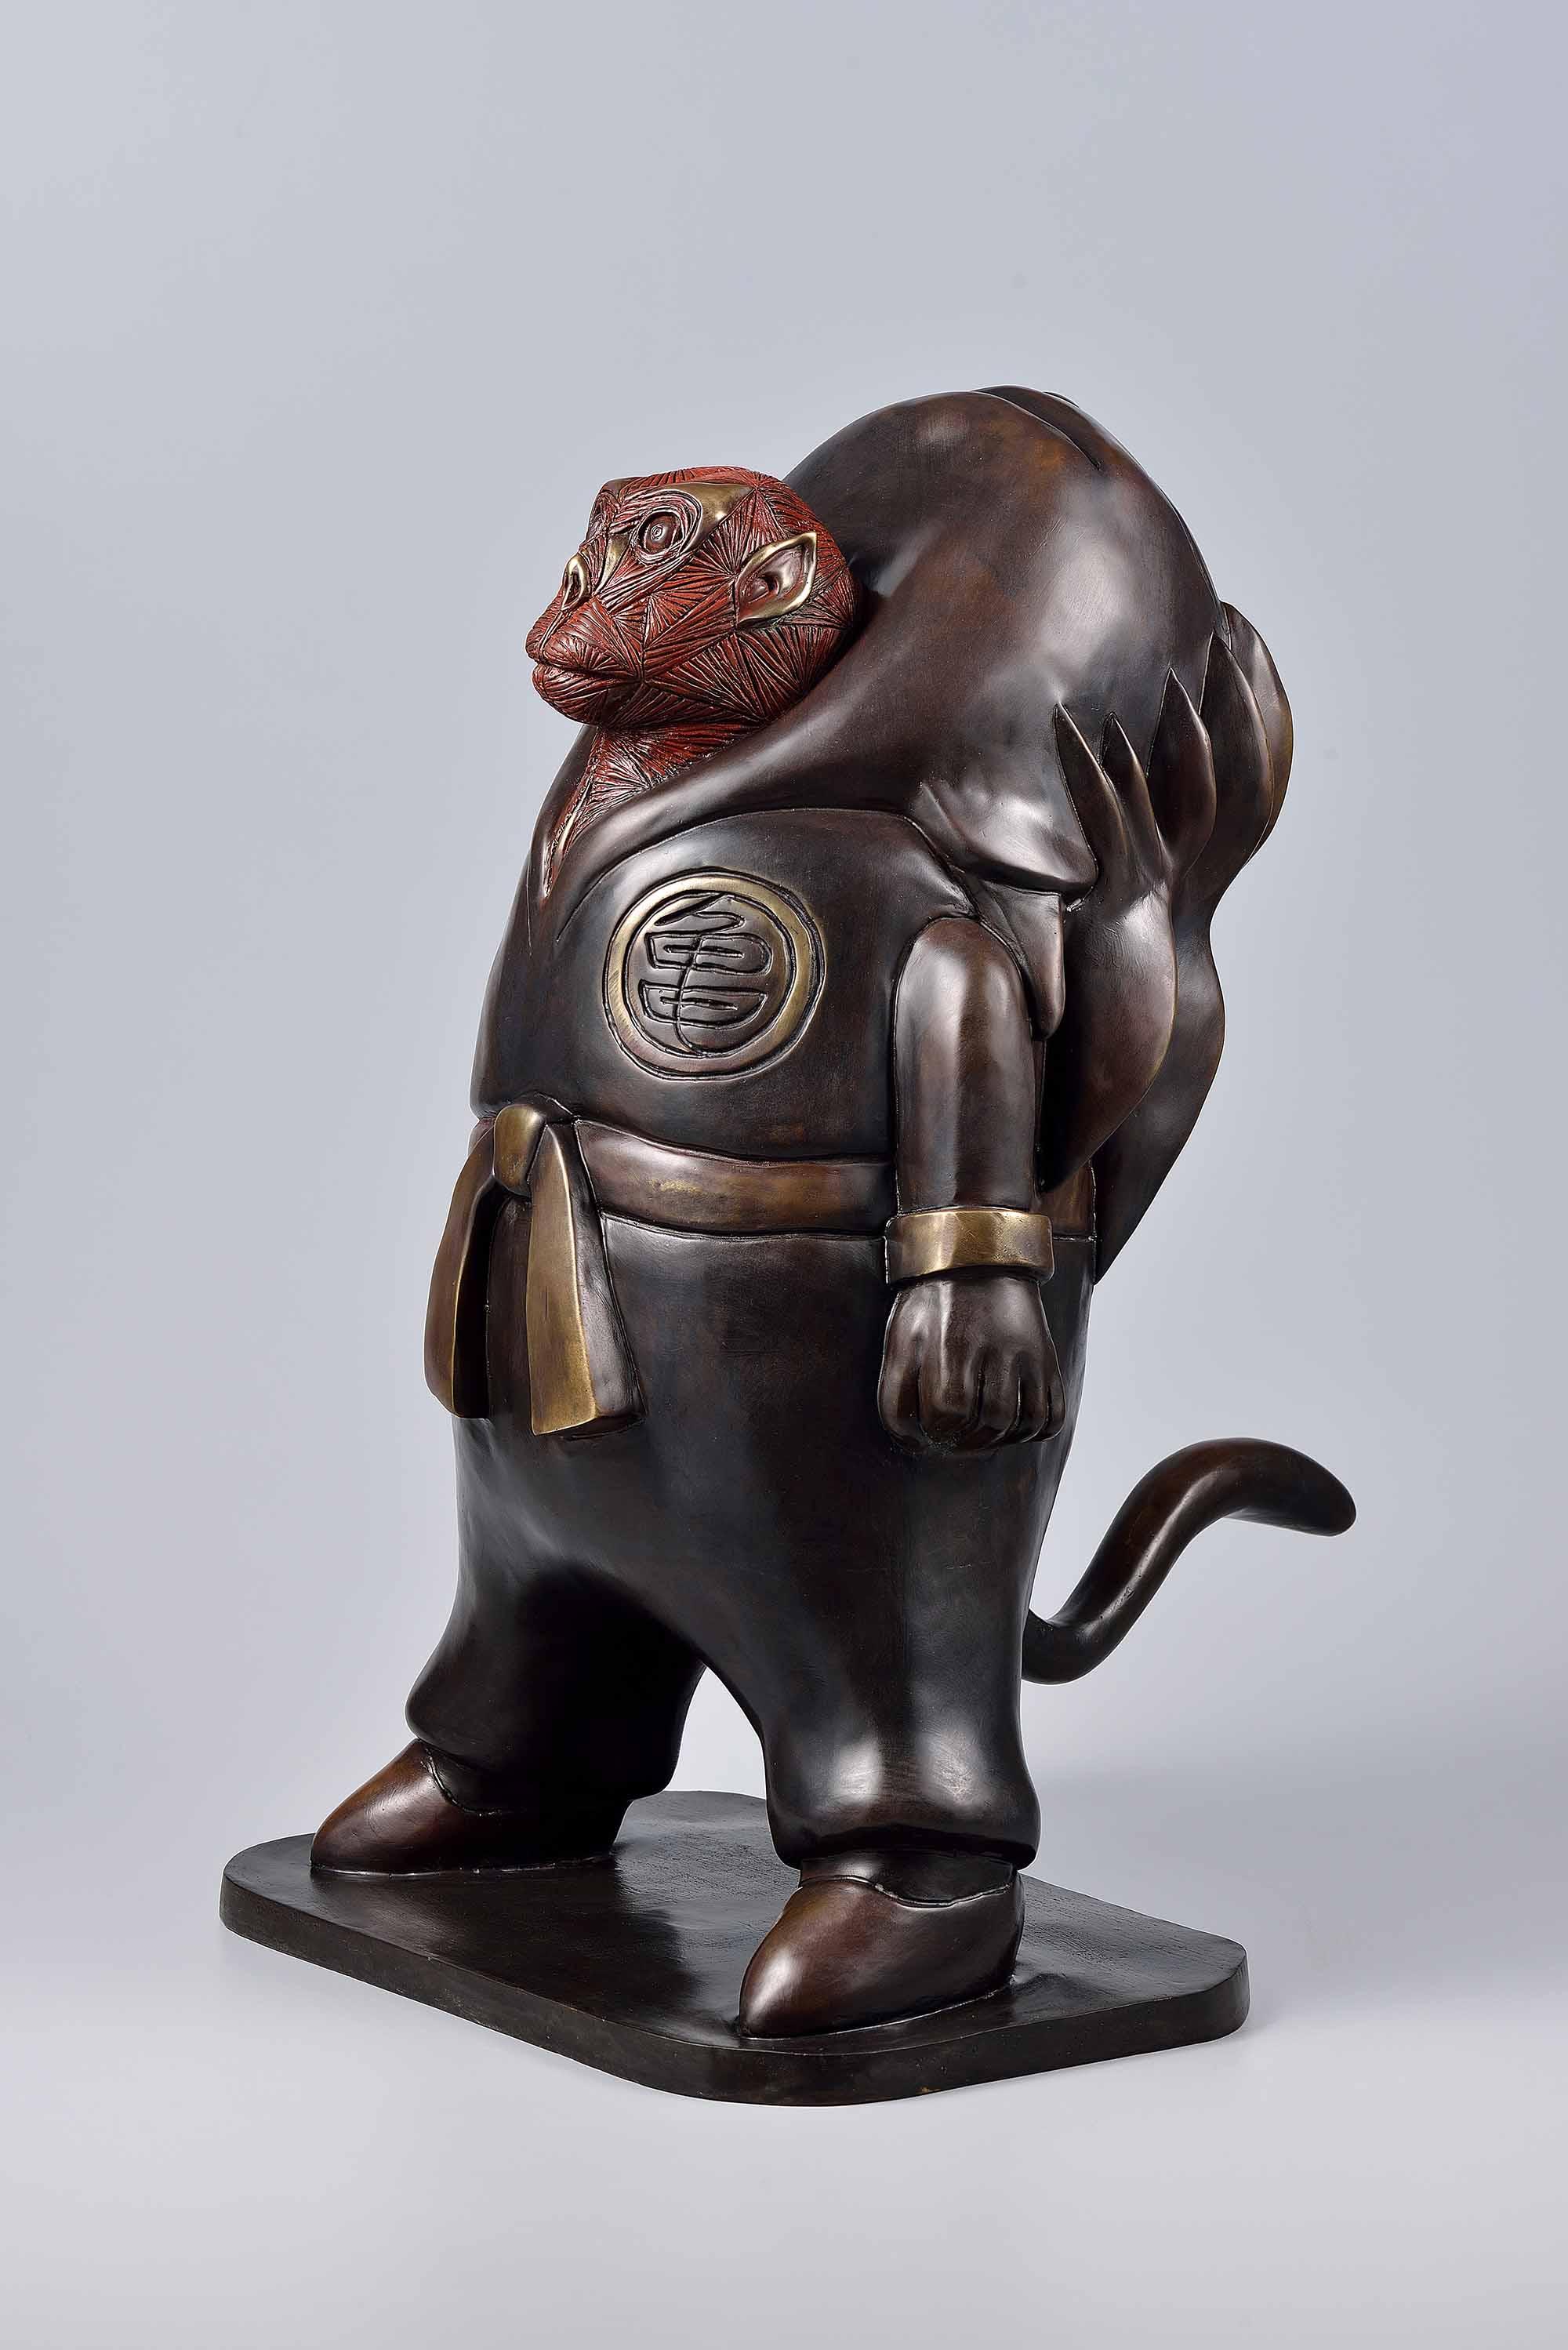 劉哲榮 LIU Je-Rong〈Cosplay-Monkey〉(正面 Front)